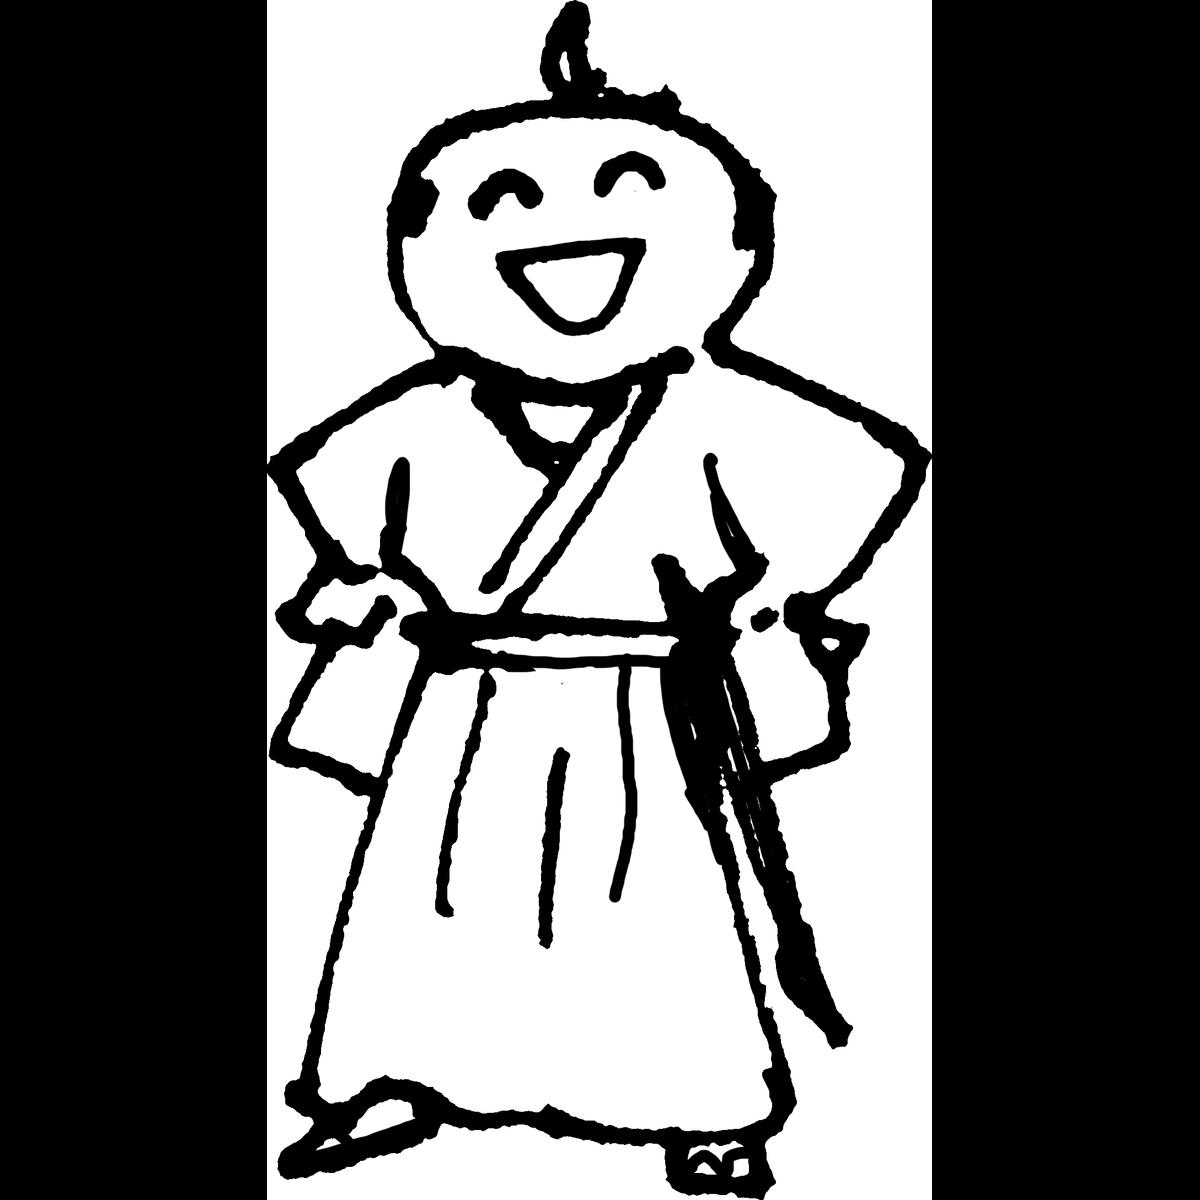 侍 胸を張るのイラスト Samurai Proudly Illust